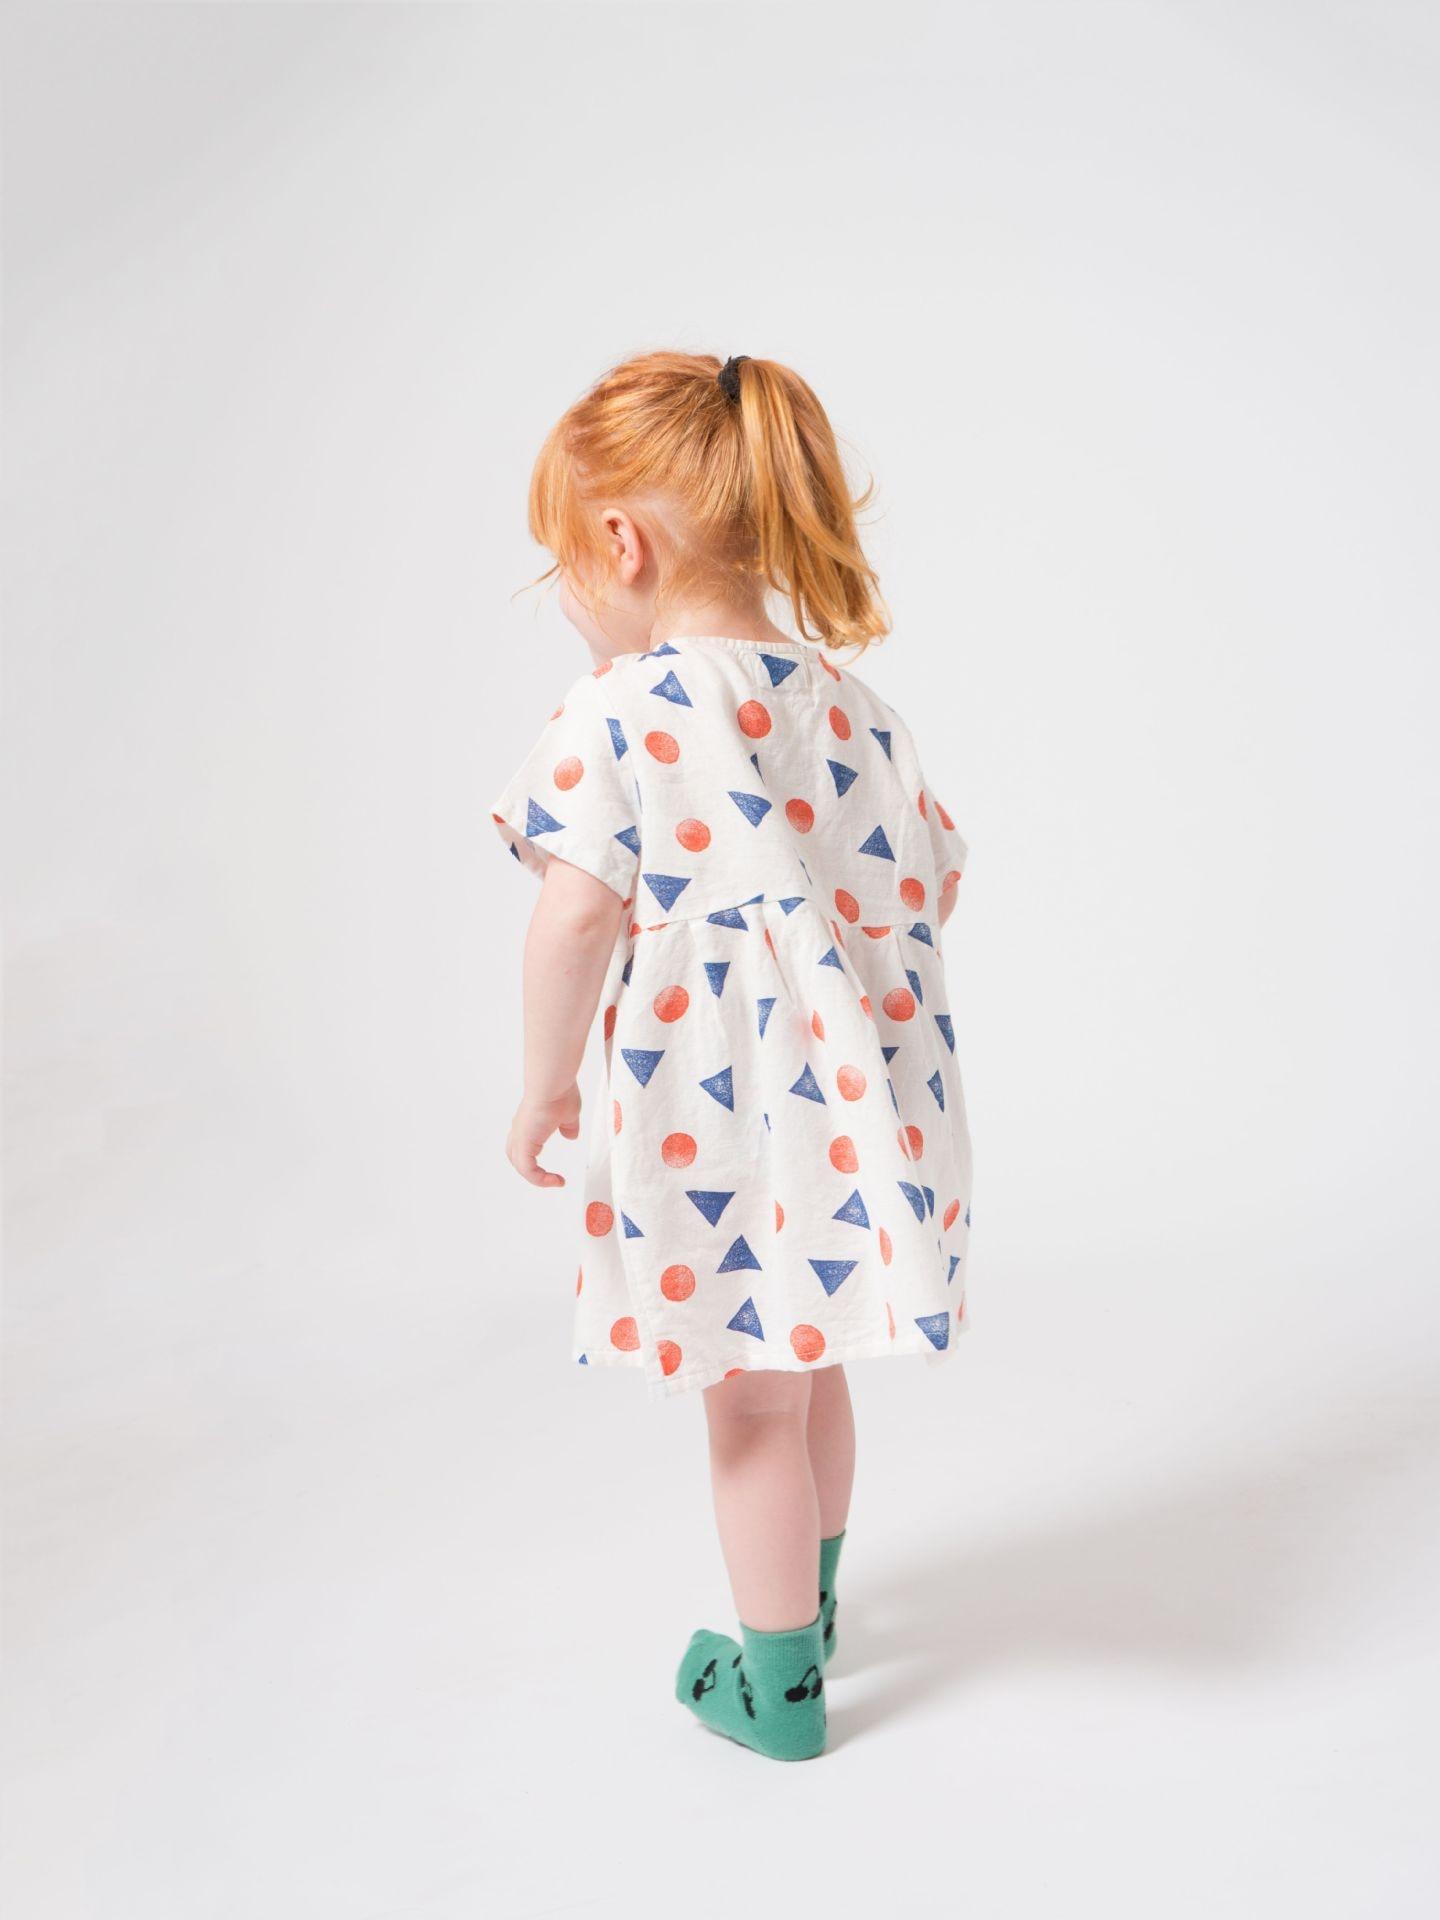 TUTU DRESS GIRLS DRESSES BOBO 2019 TODDLER DRESS TODDLER GIRL vestidos menina KIDS CLOTHES CHILDREN 4